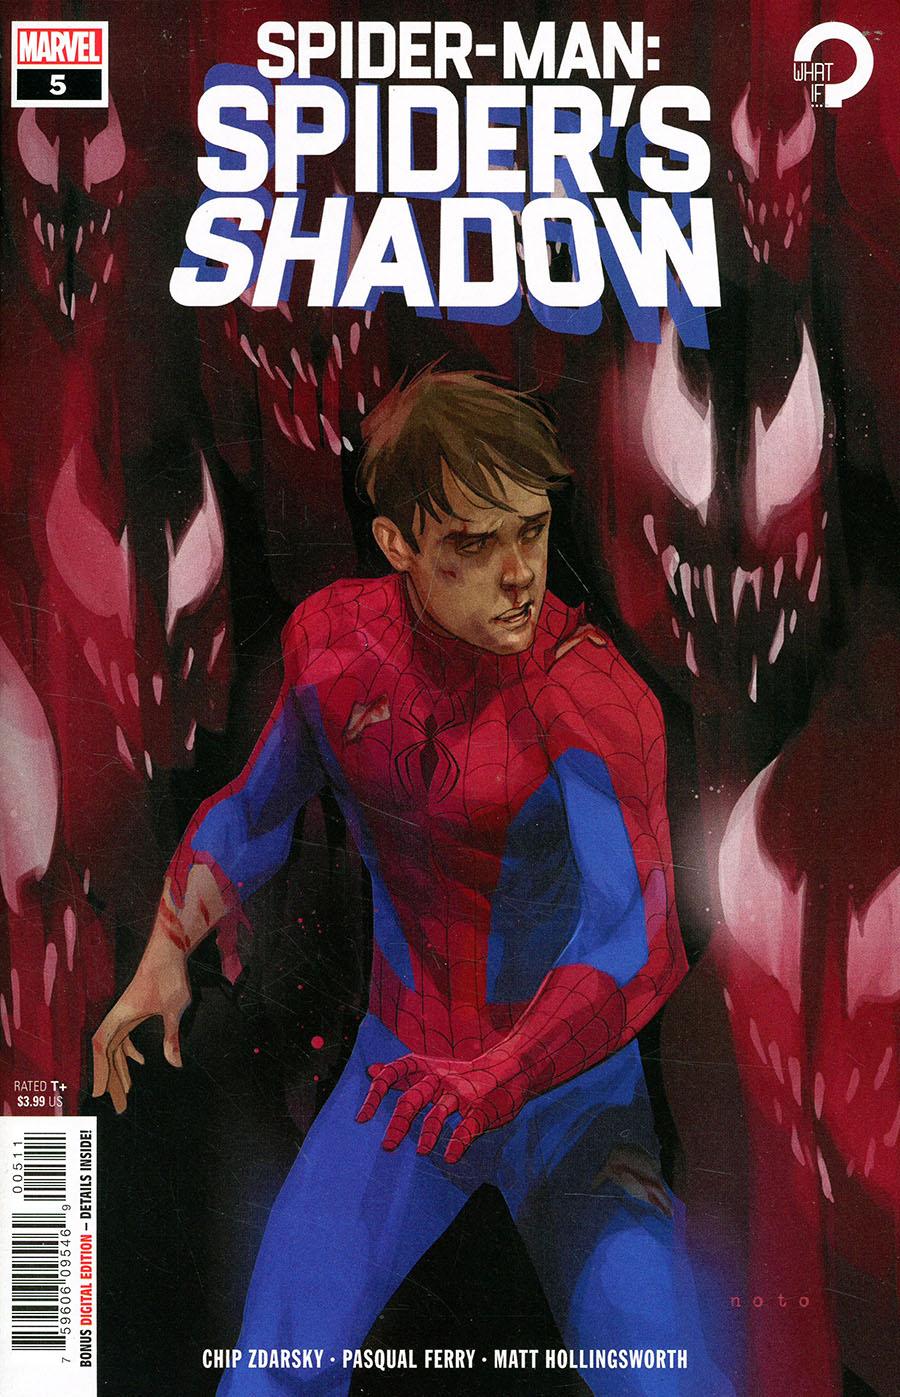 Spider-Man Spiders Shadow #5